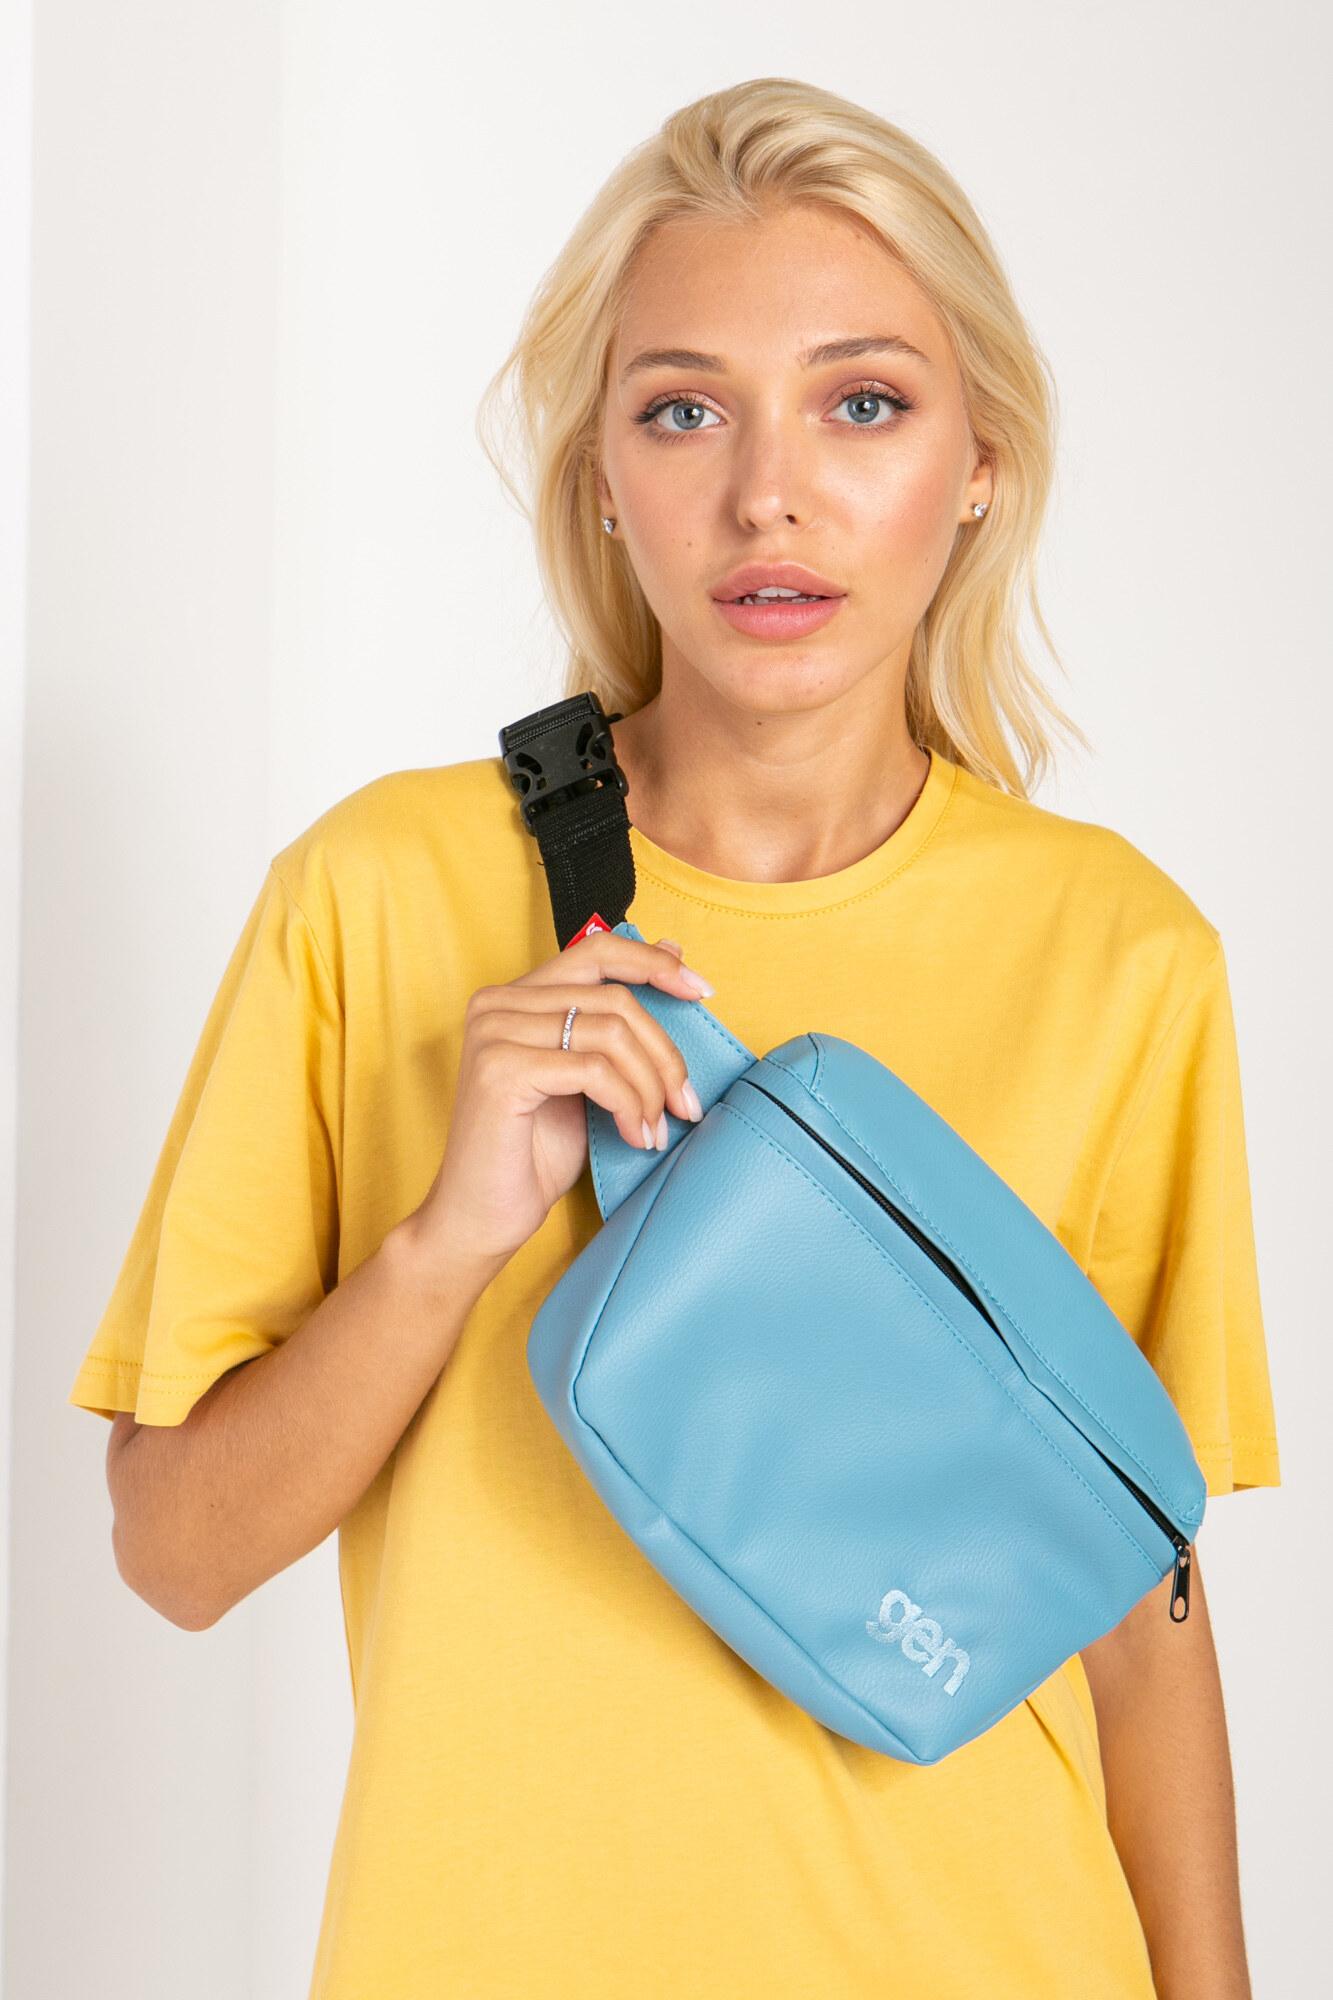 Прямоугольная поясная сумка бананка голубого цвета на одно отделение